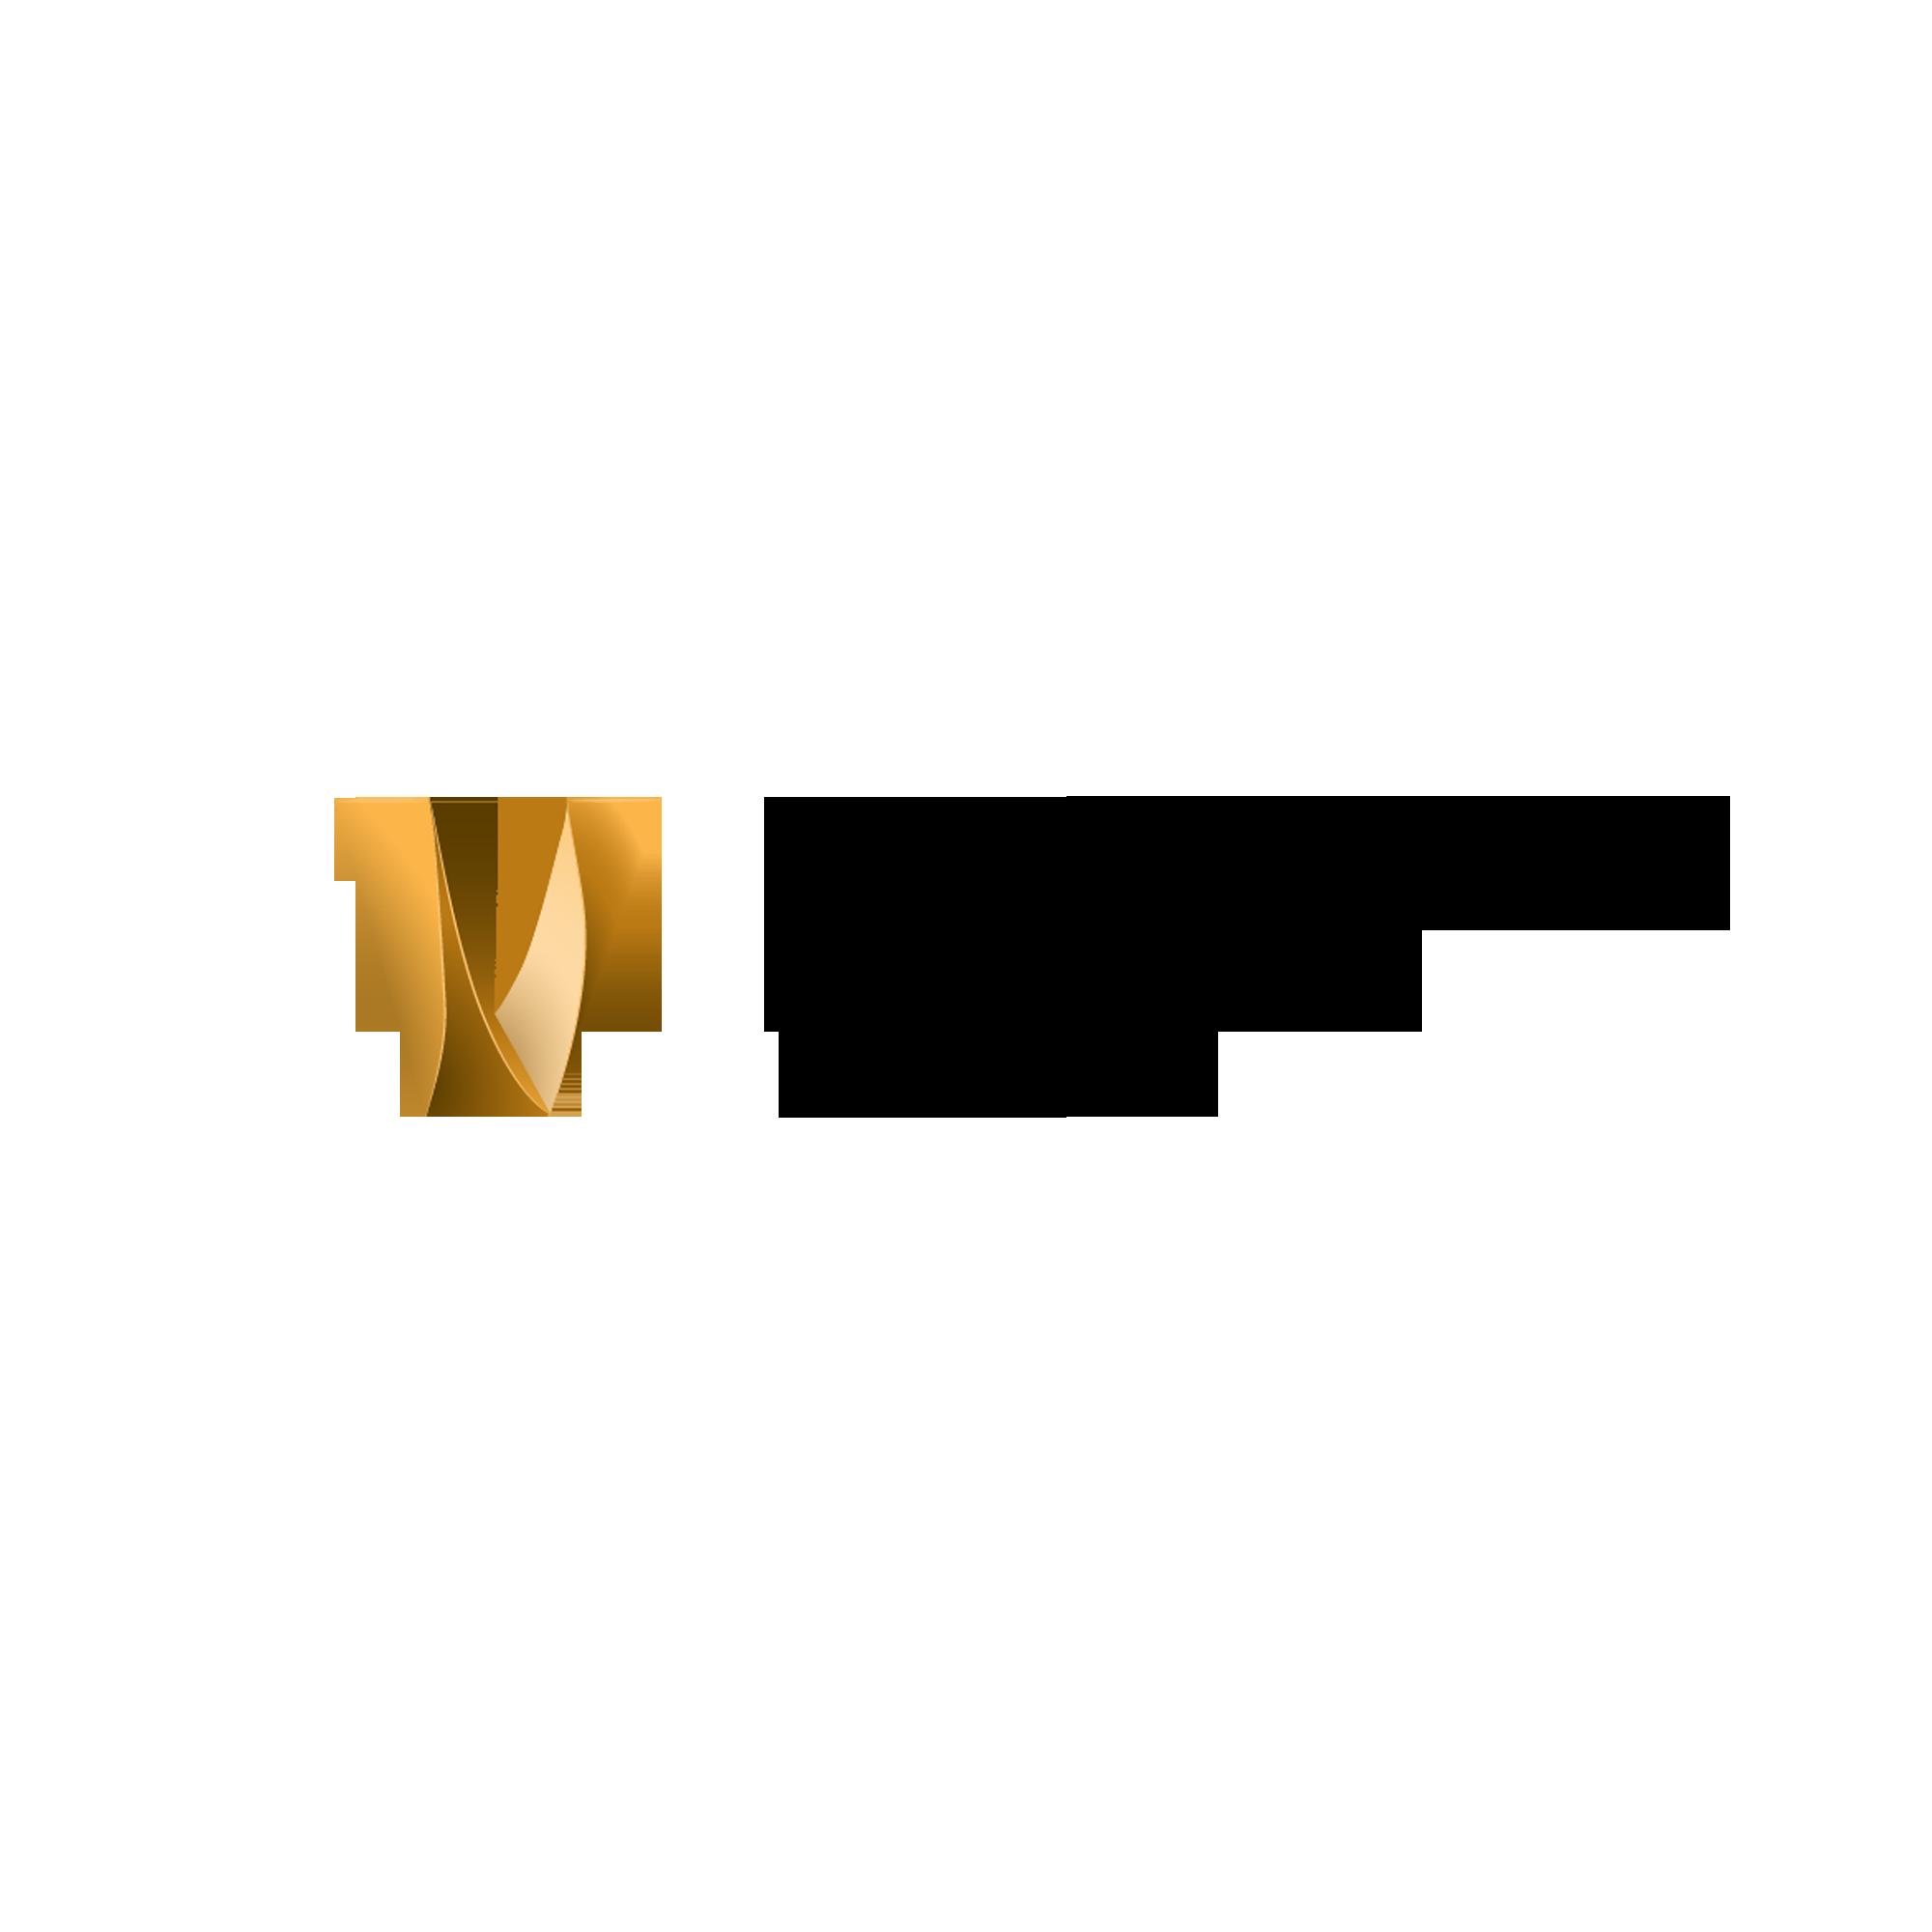 Logo_Dateien_Vred_color